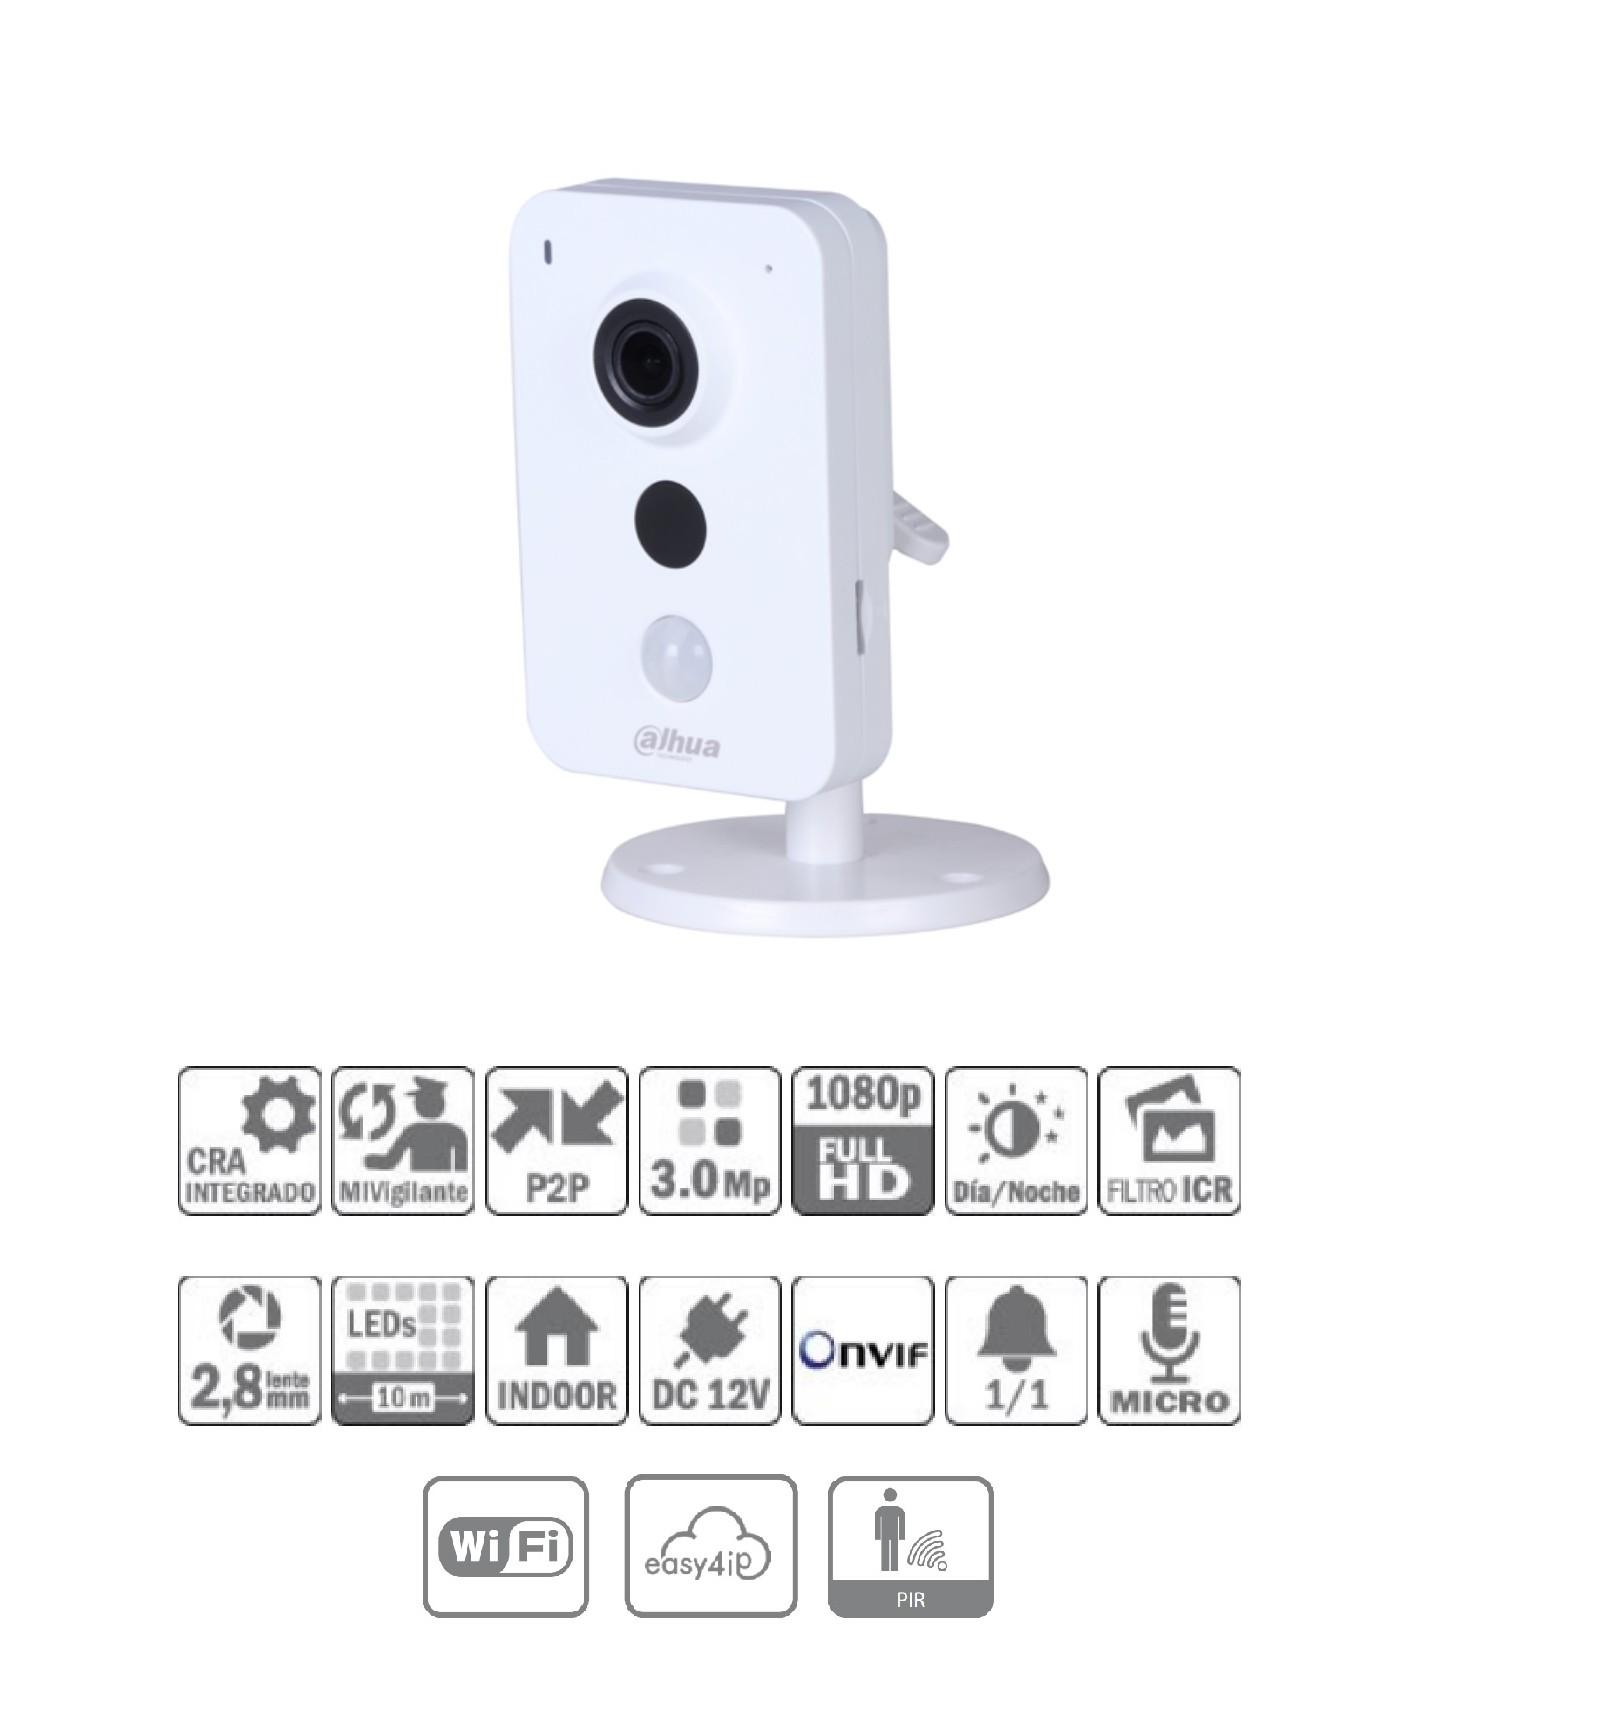 Camara de vigilancia ip wifi cubo 3mp con audio y - Camara de vigilancia ip wifi ...